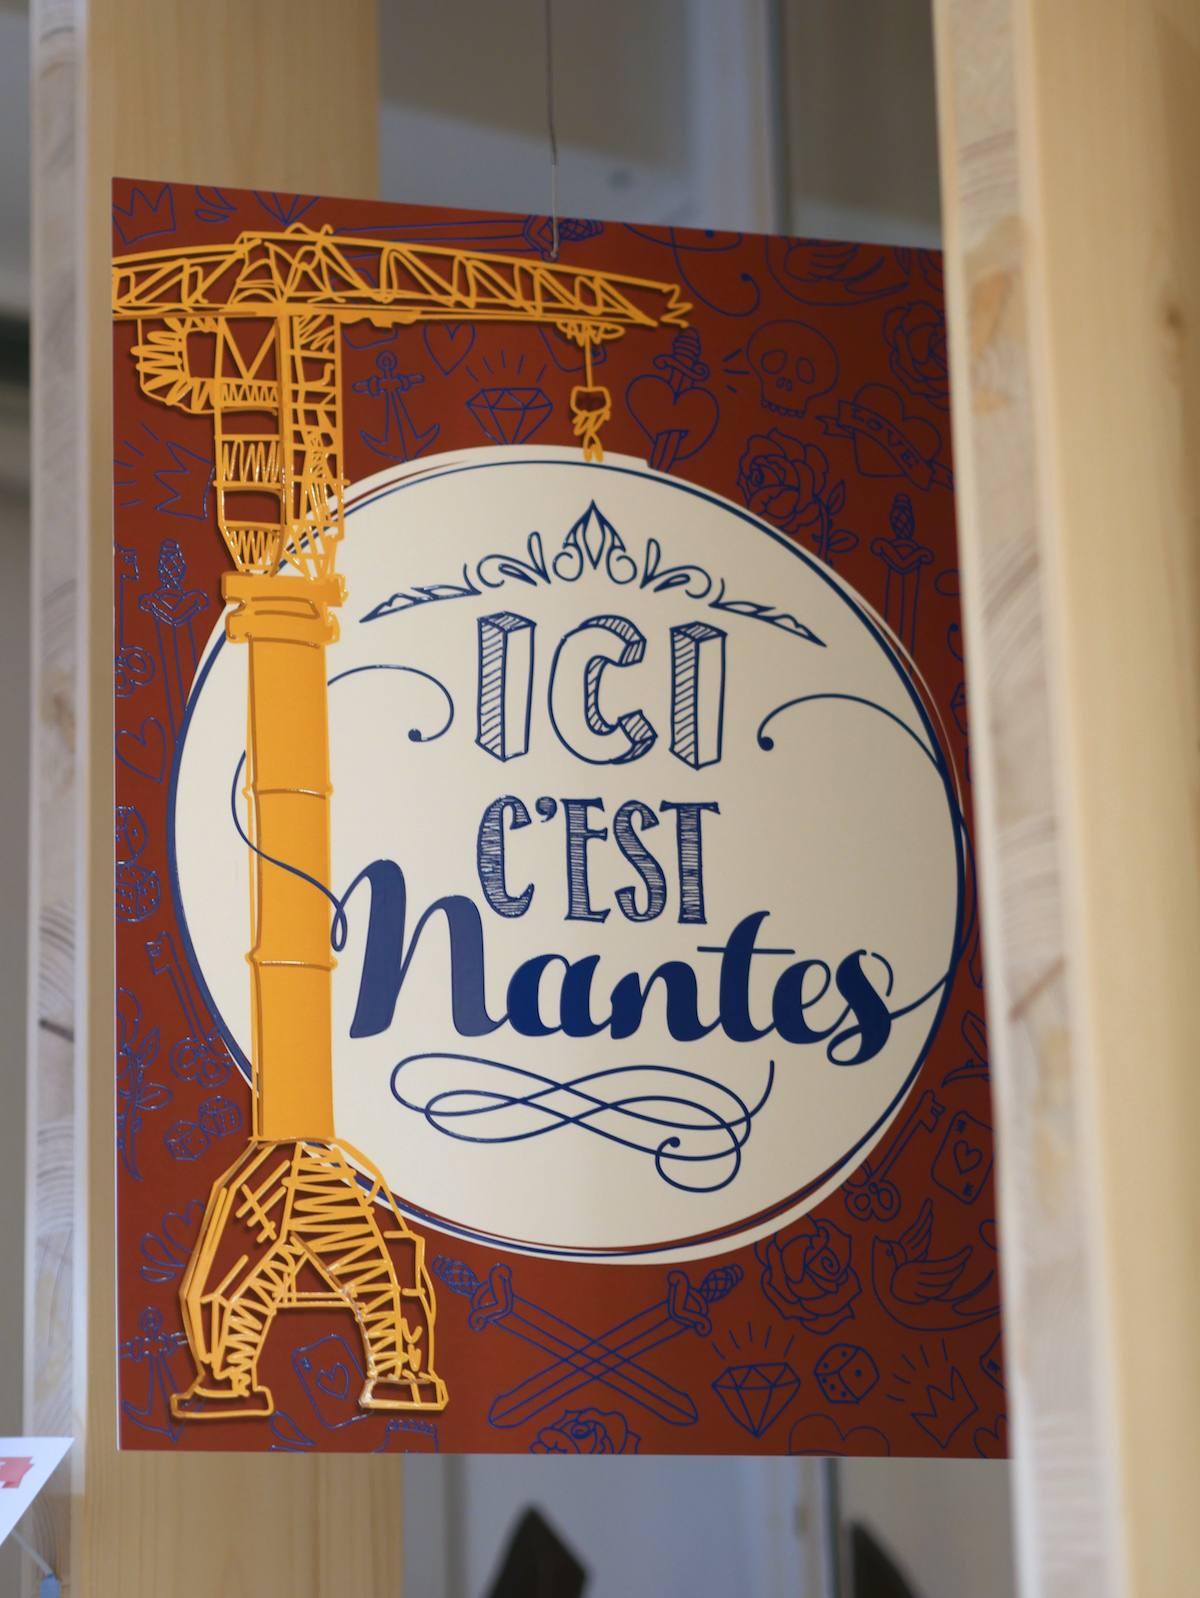 Boutique Agent Paper - Blog NANTES nolwenn 20